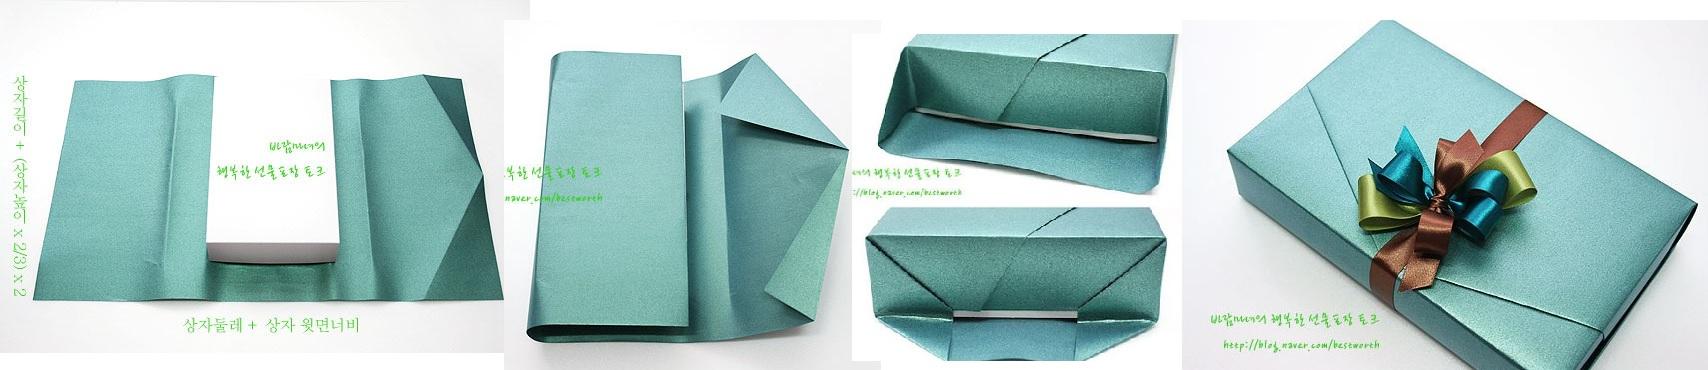 Упаковка подарков своими руками в упаковочную бумагу